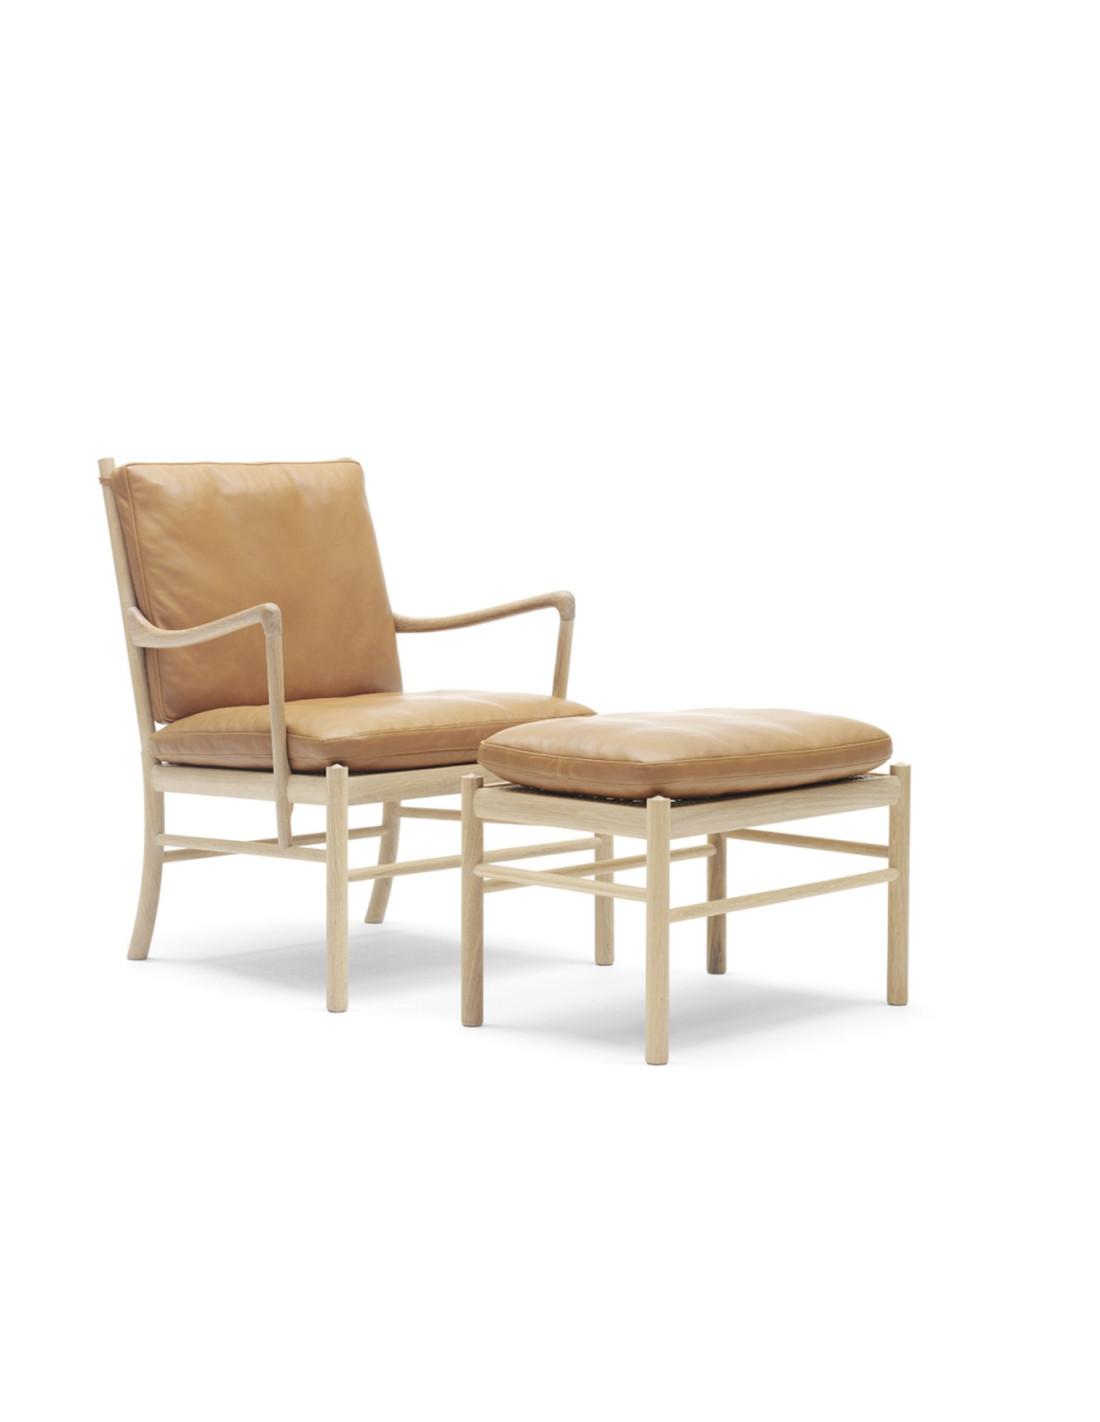 Colonial Chair Design Ole Wanscher For Carl Hansen